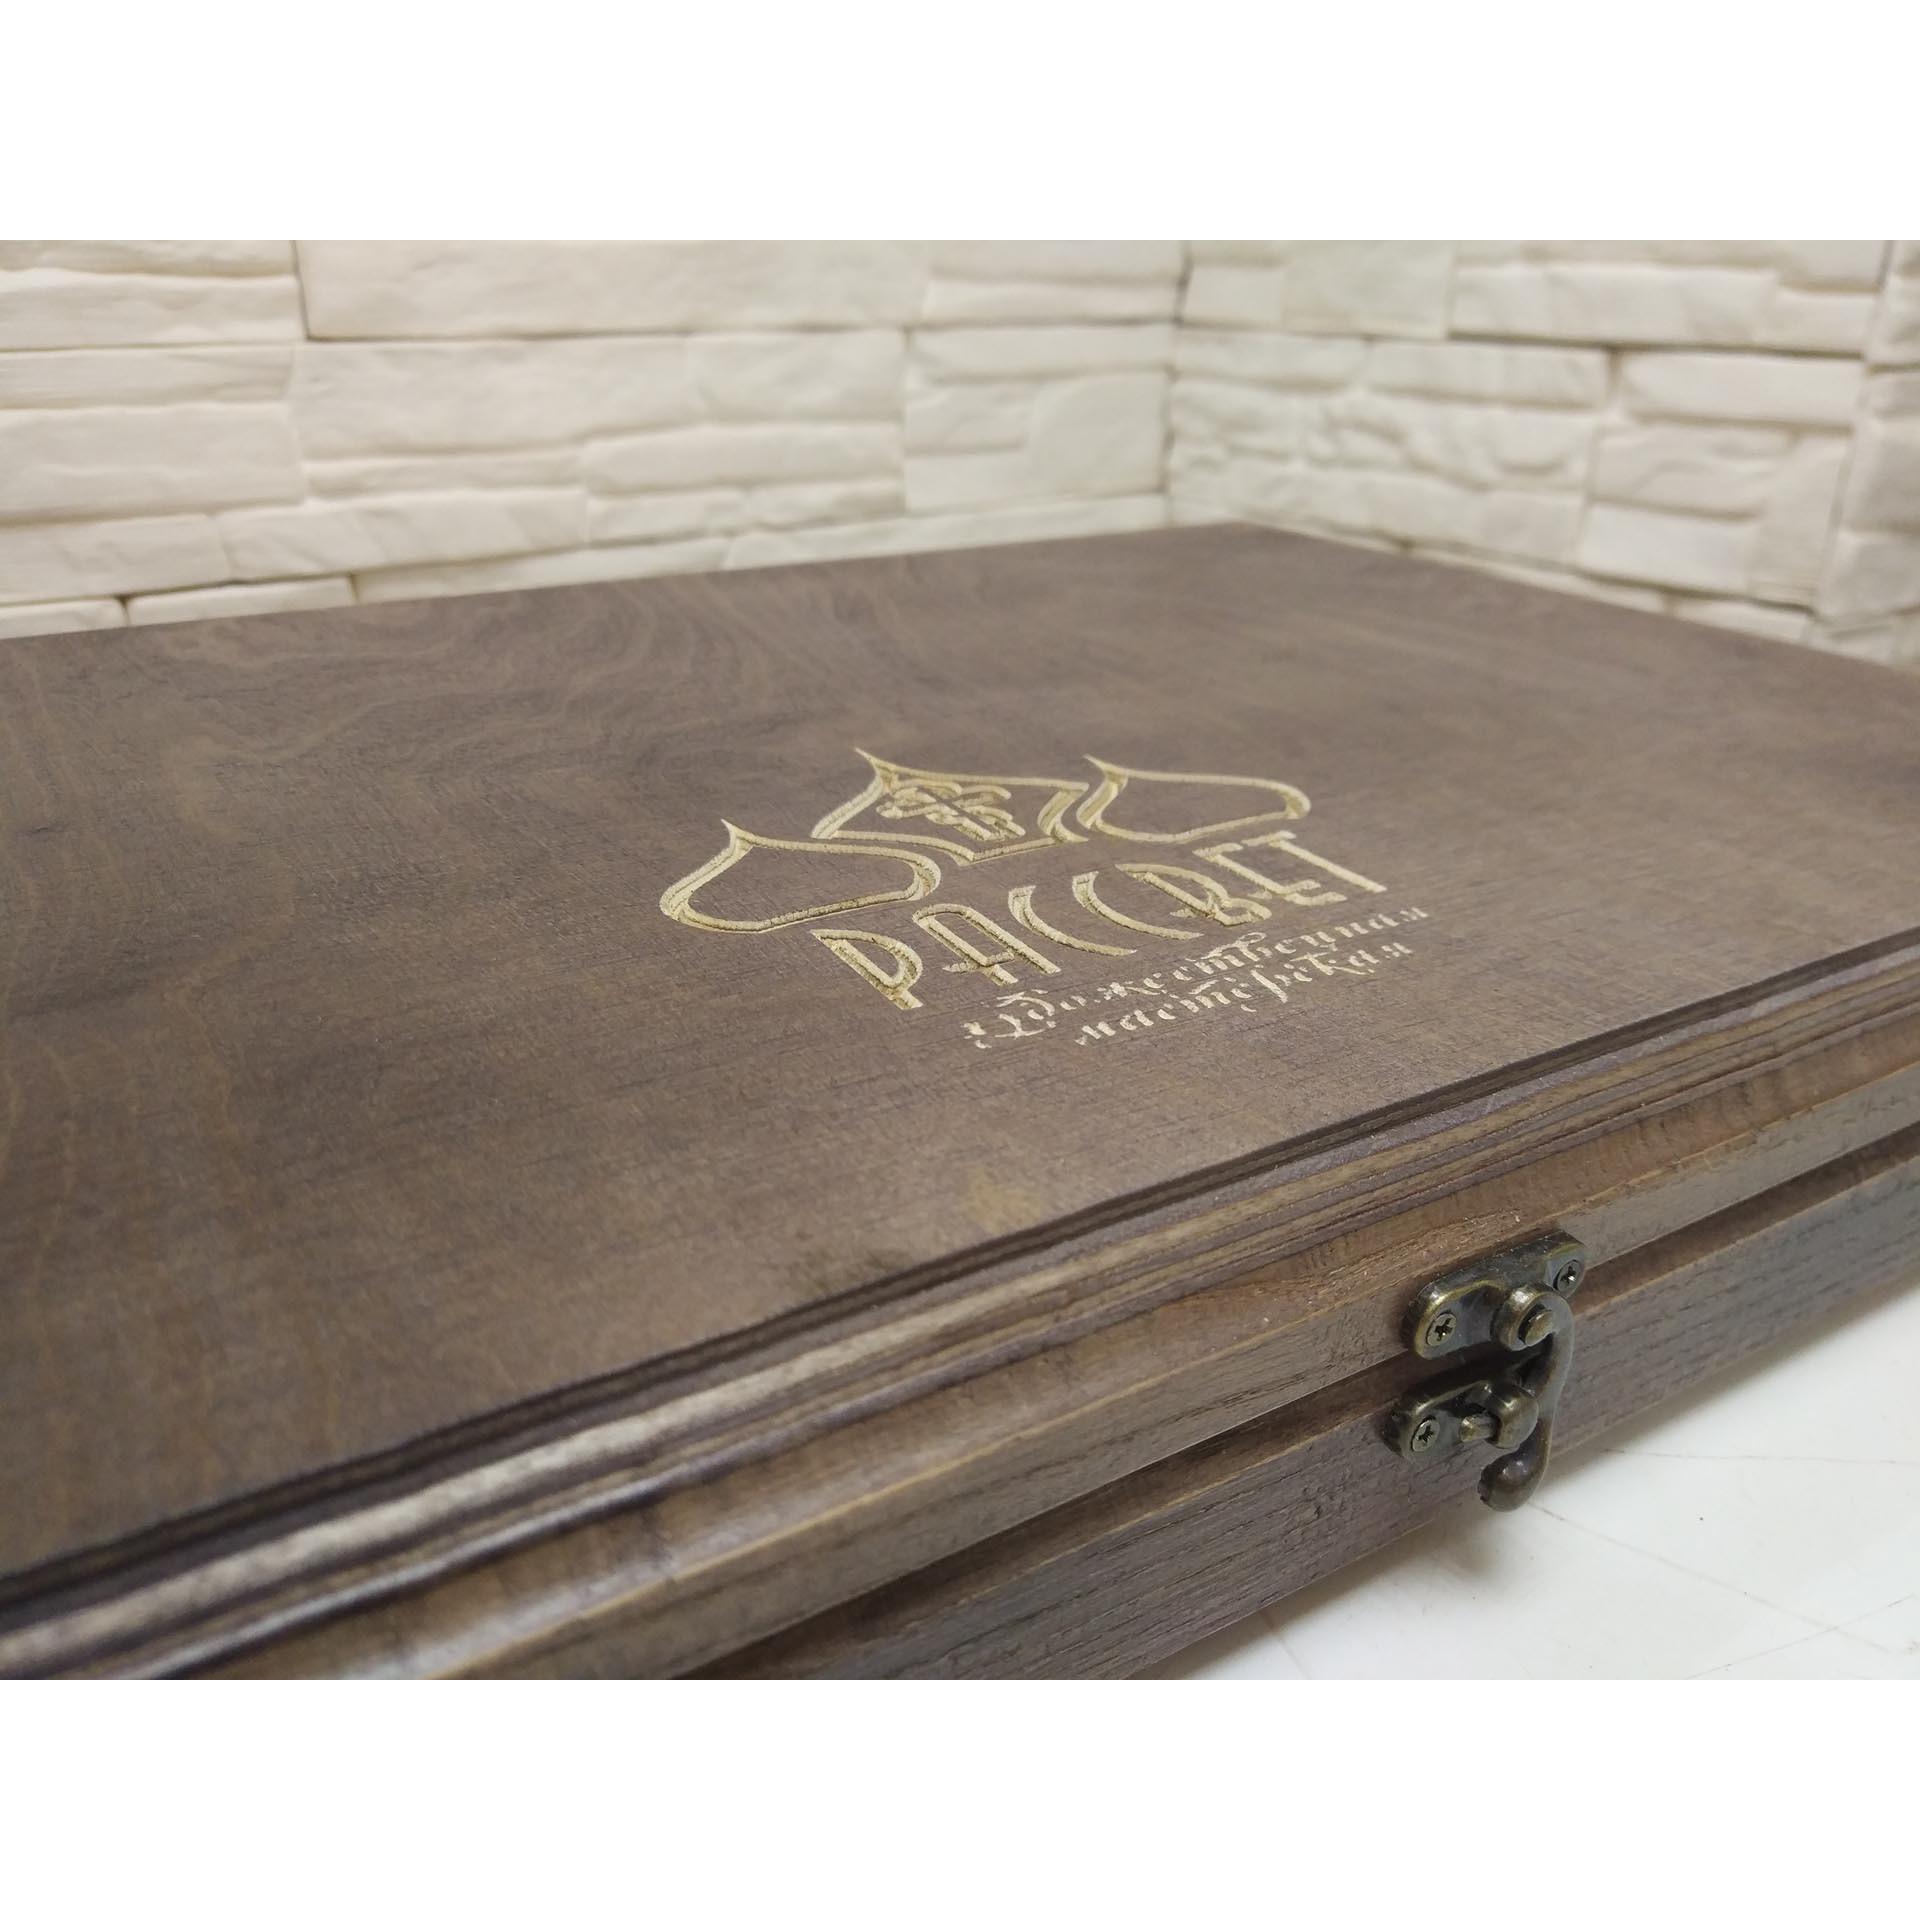 Подарочный футляр для иконы размером 30-46 см